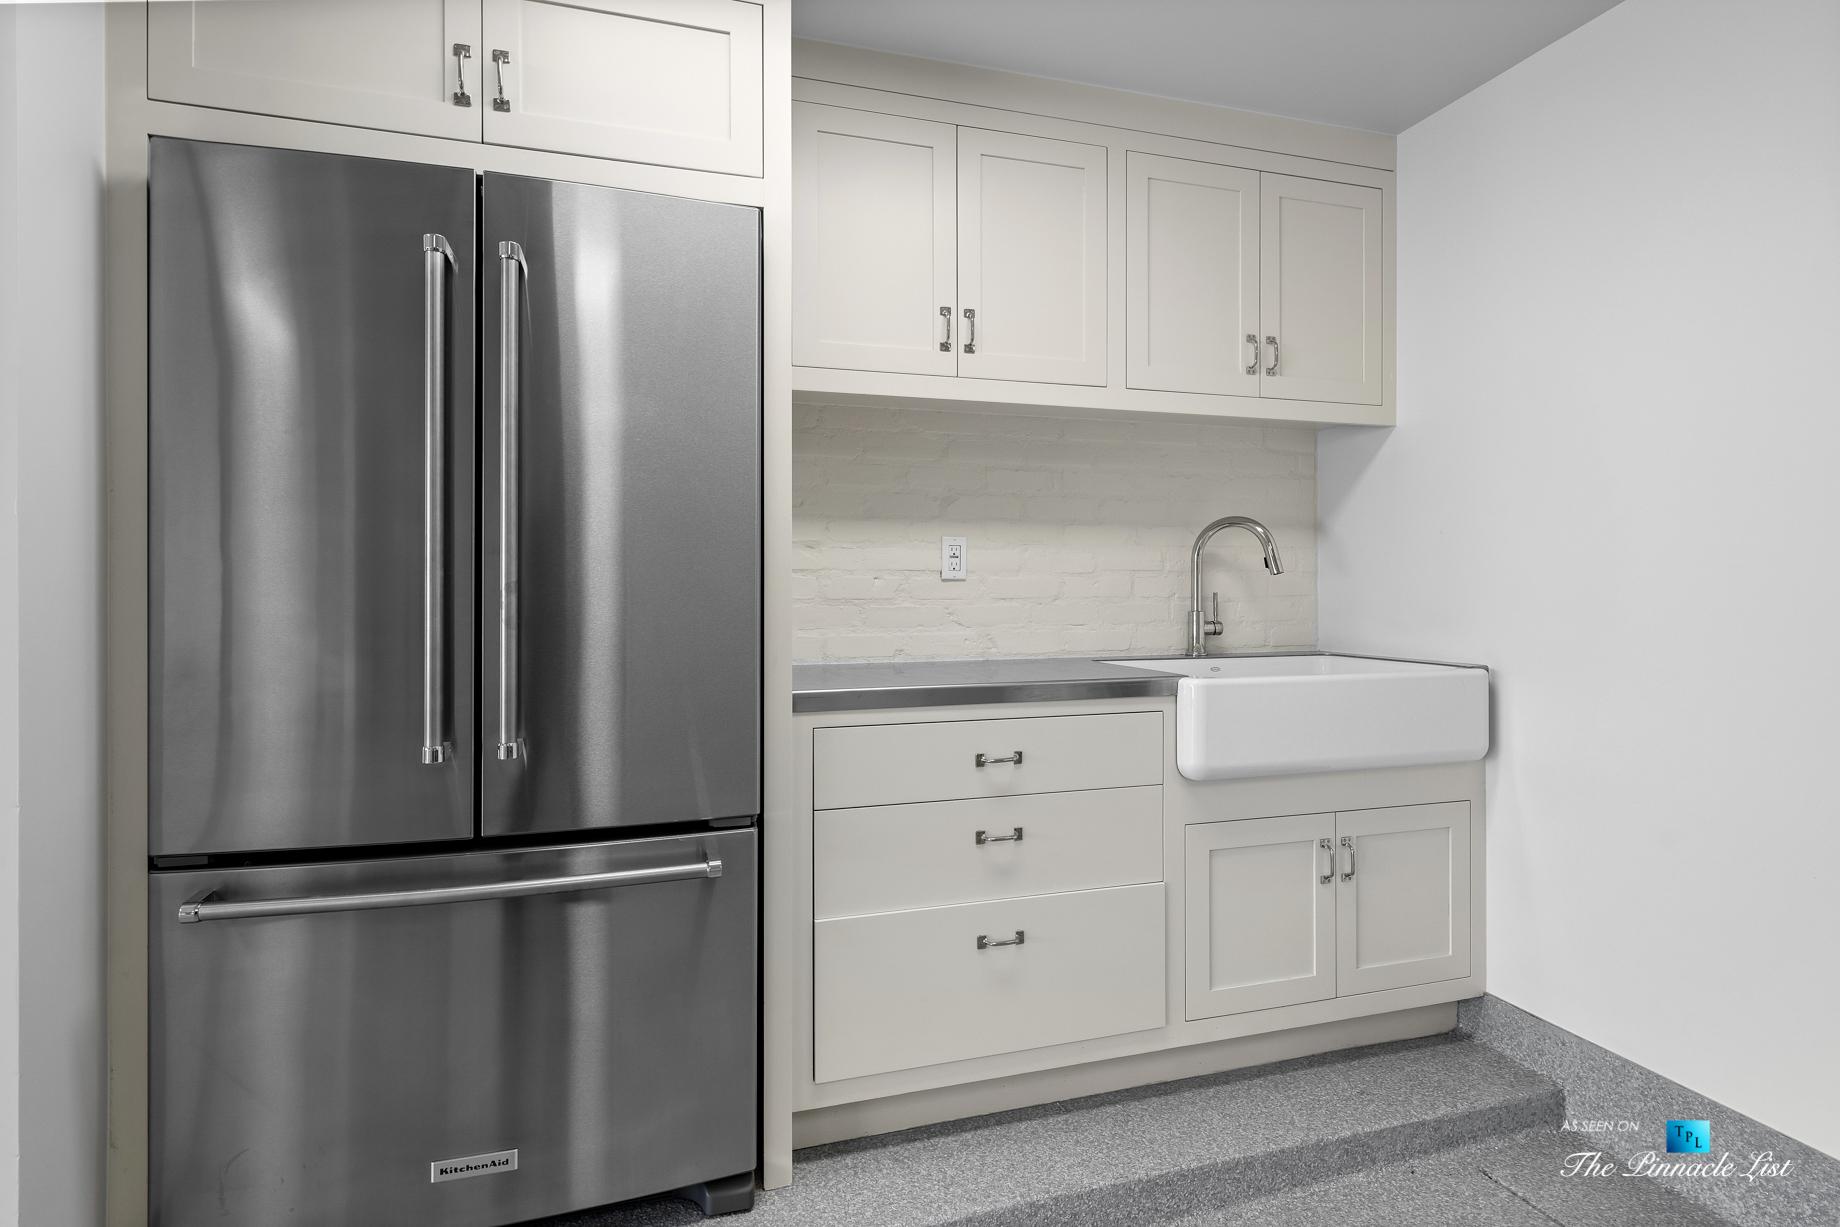 508 The Strand, Manhattan Beach, CA, USA - Lower Level Garage Kitchen - Luxury Real Estate - Oceanfront Home